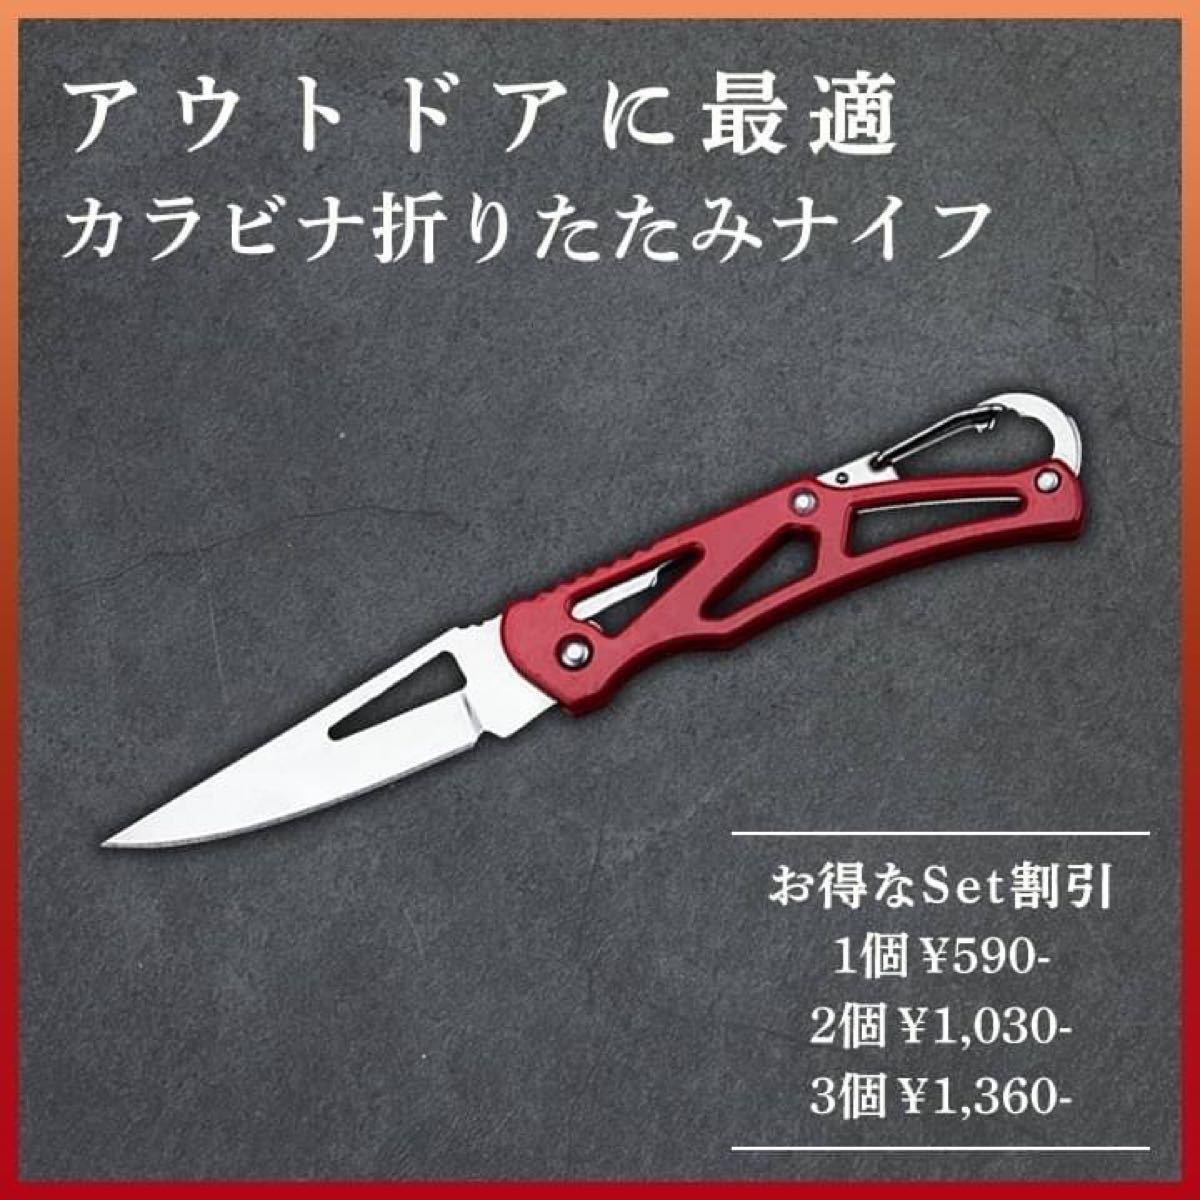 【アウトドアに最適】カラビナ折りたたみナイフ★赤色★3個セット★ 釣り キャンプ サバイバル